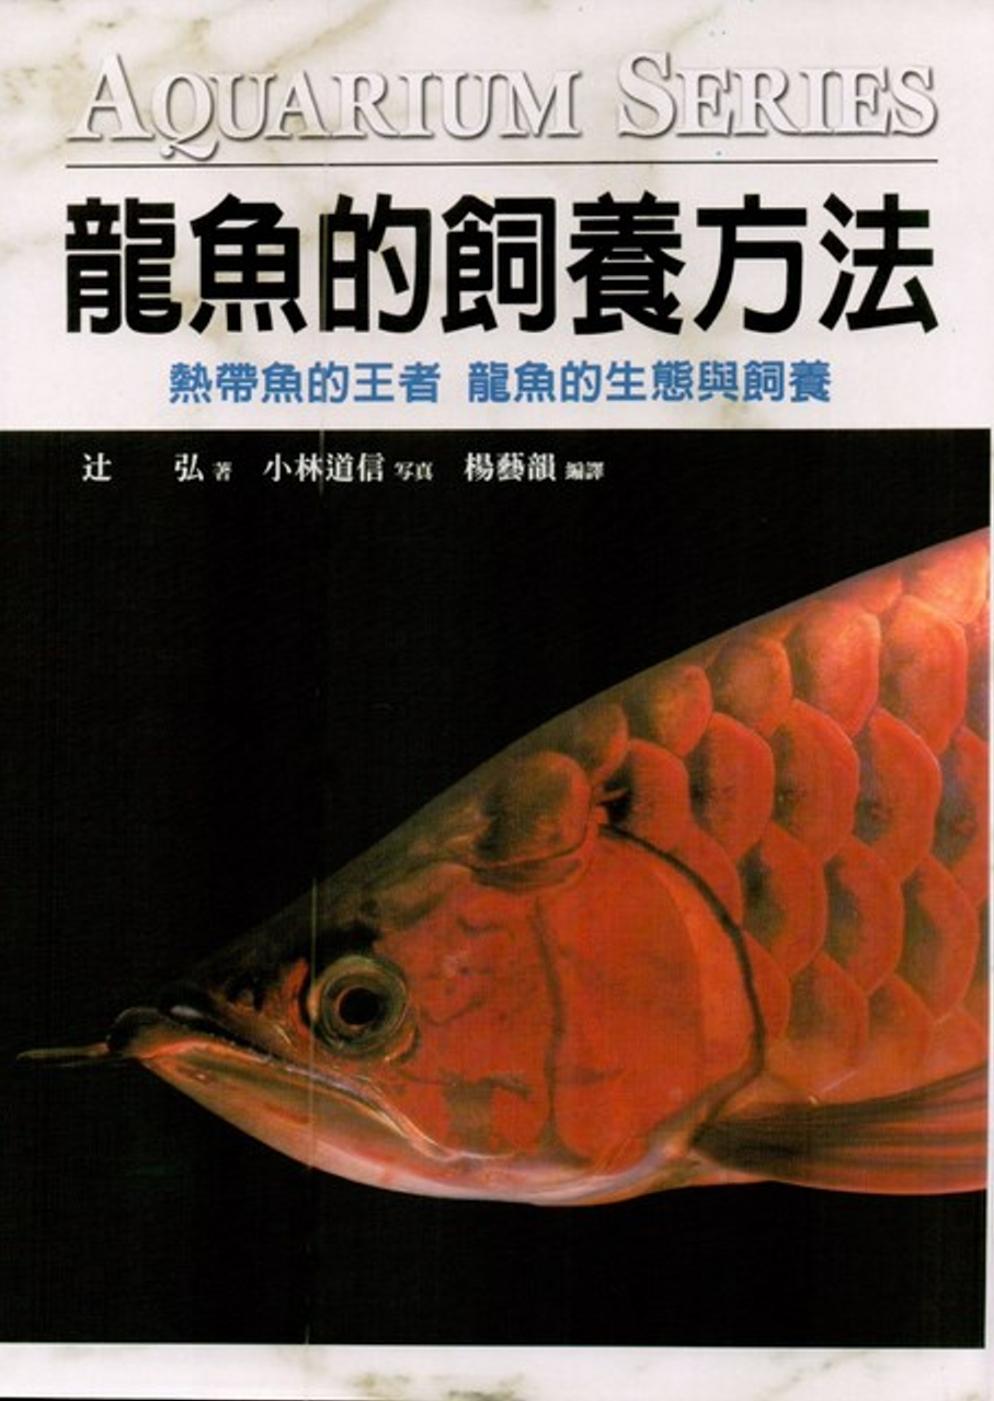 龍魚的飼養方法